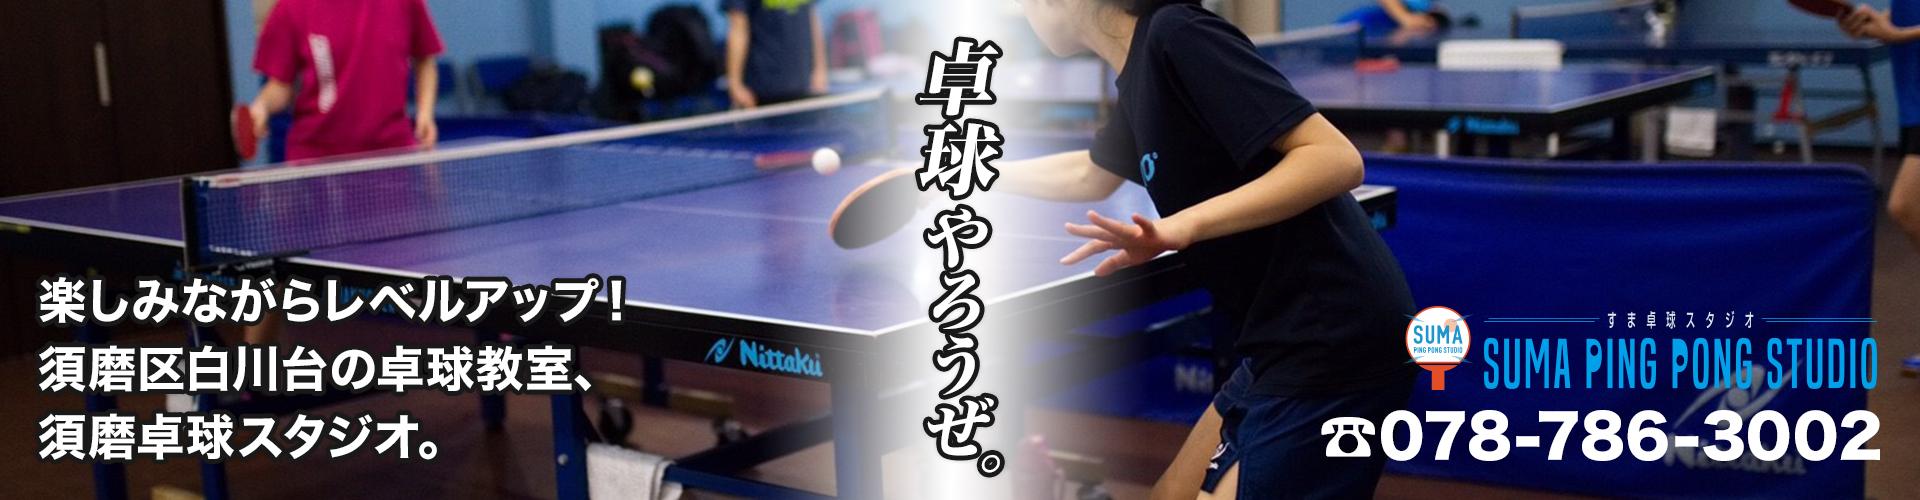 須磨卓球スタジオ